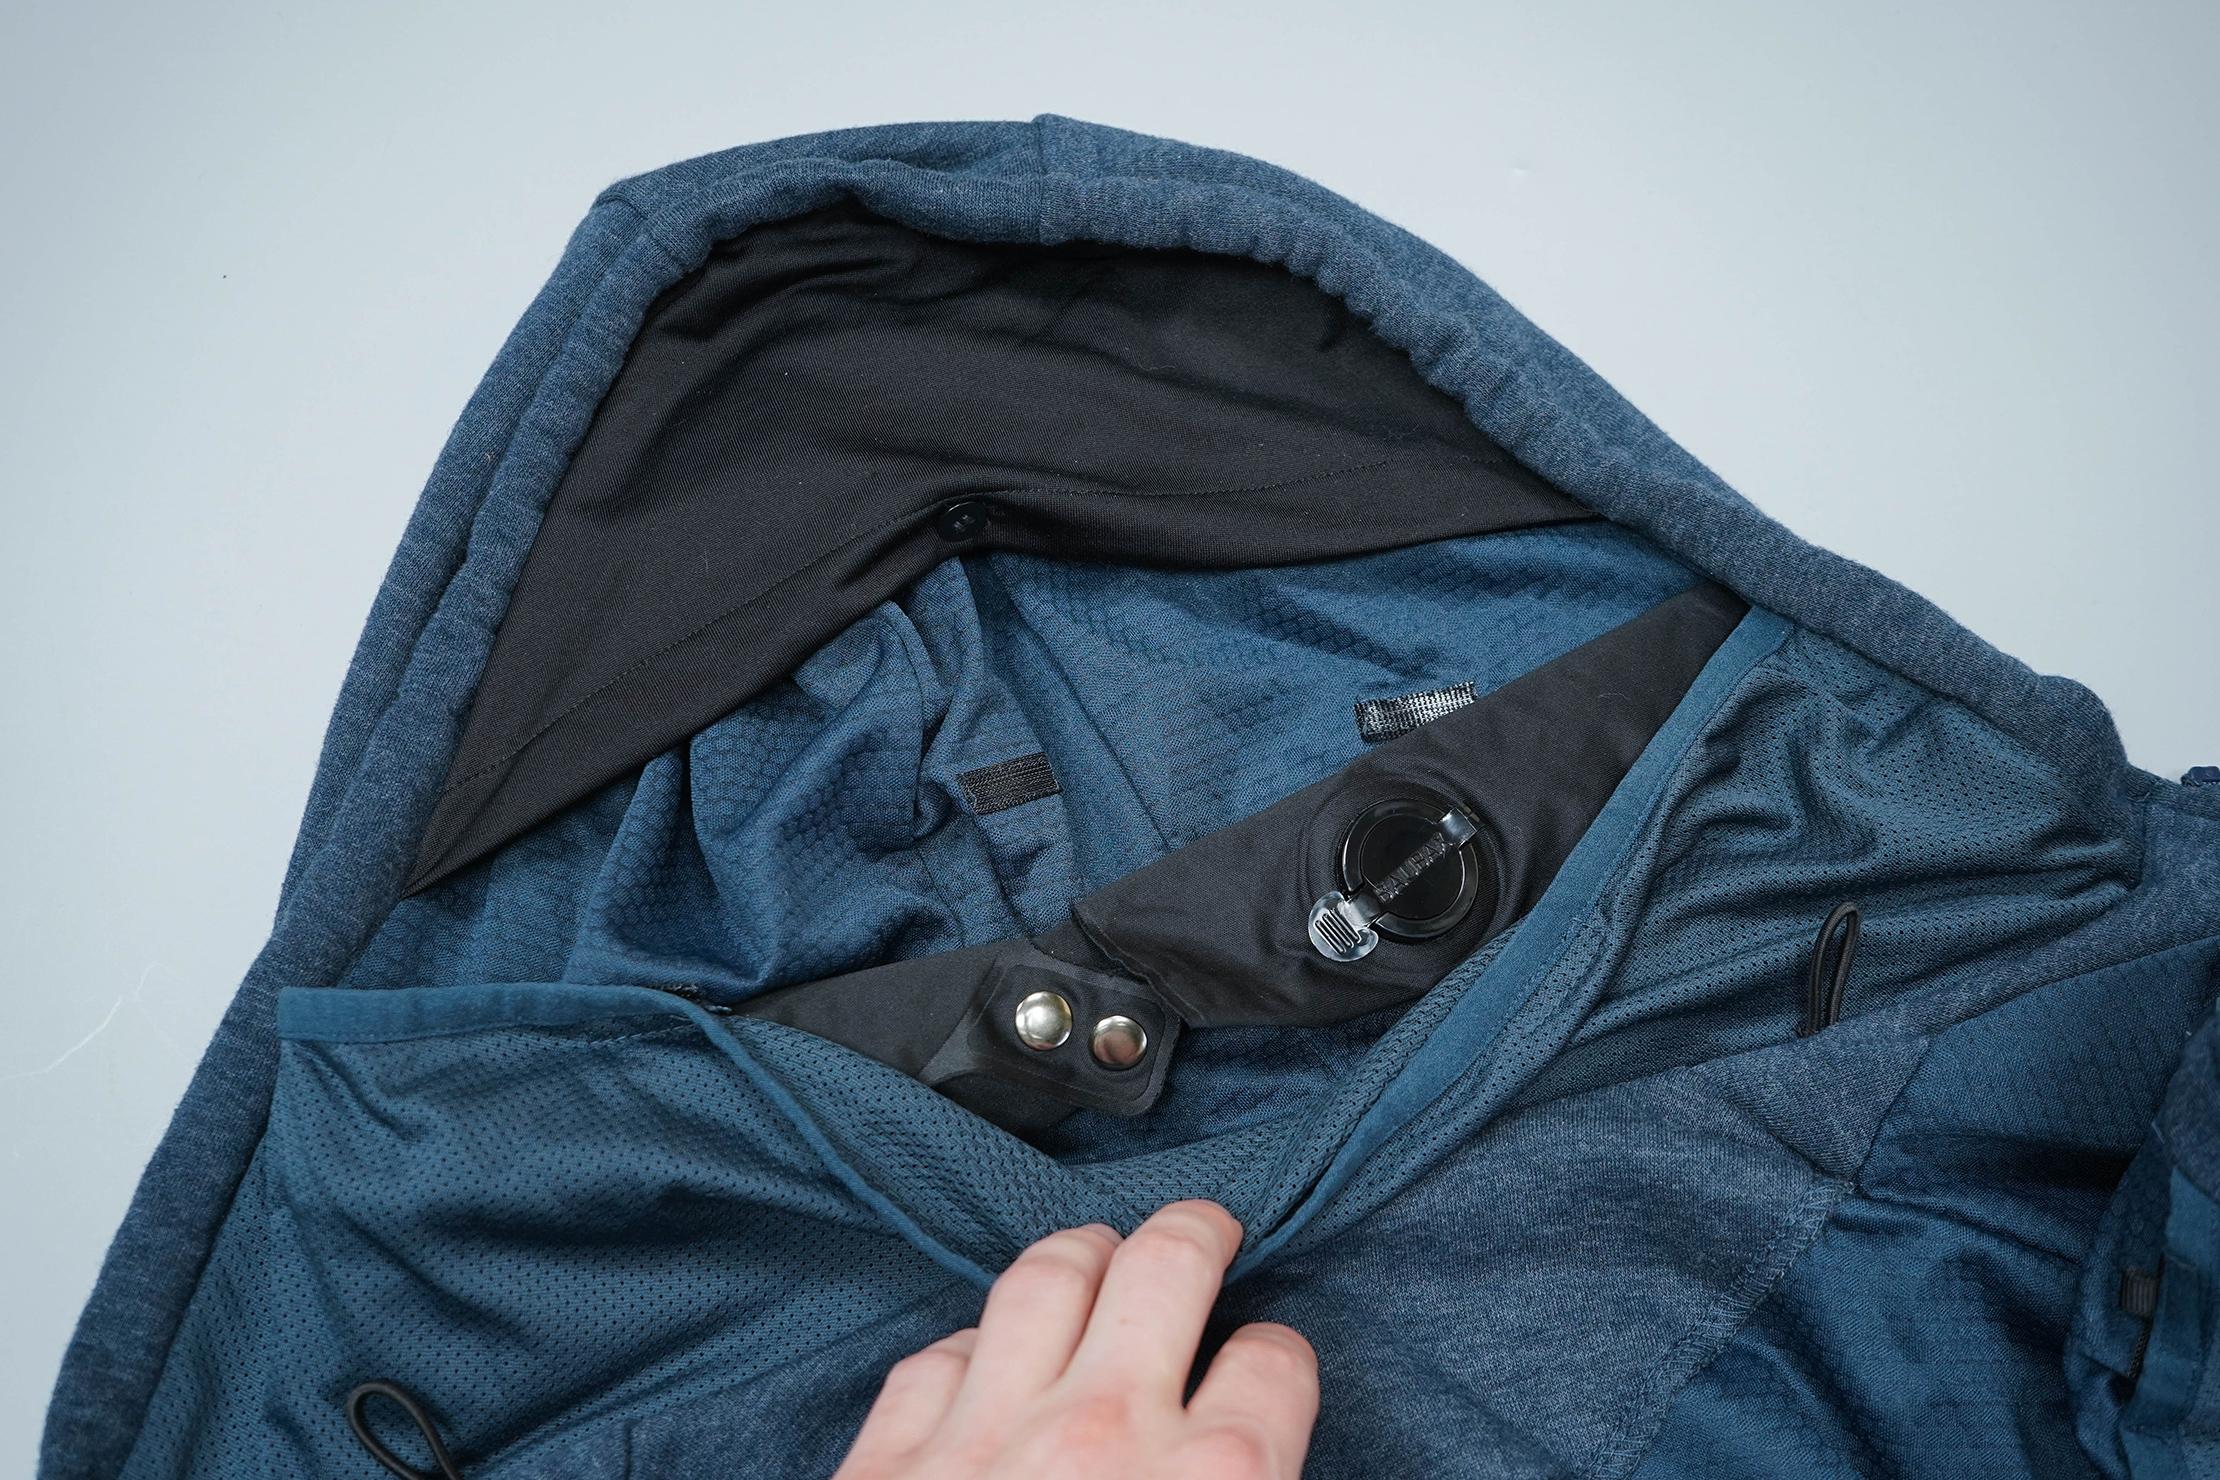 BauBax Sweatshirt 2.0 Neck Pillow